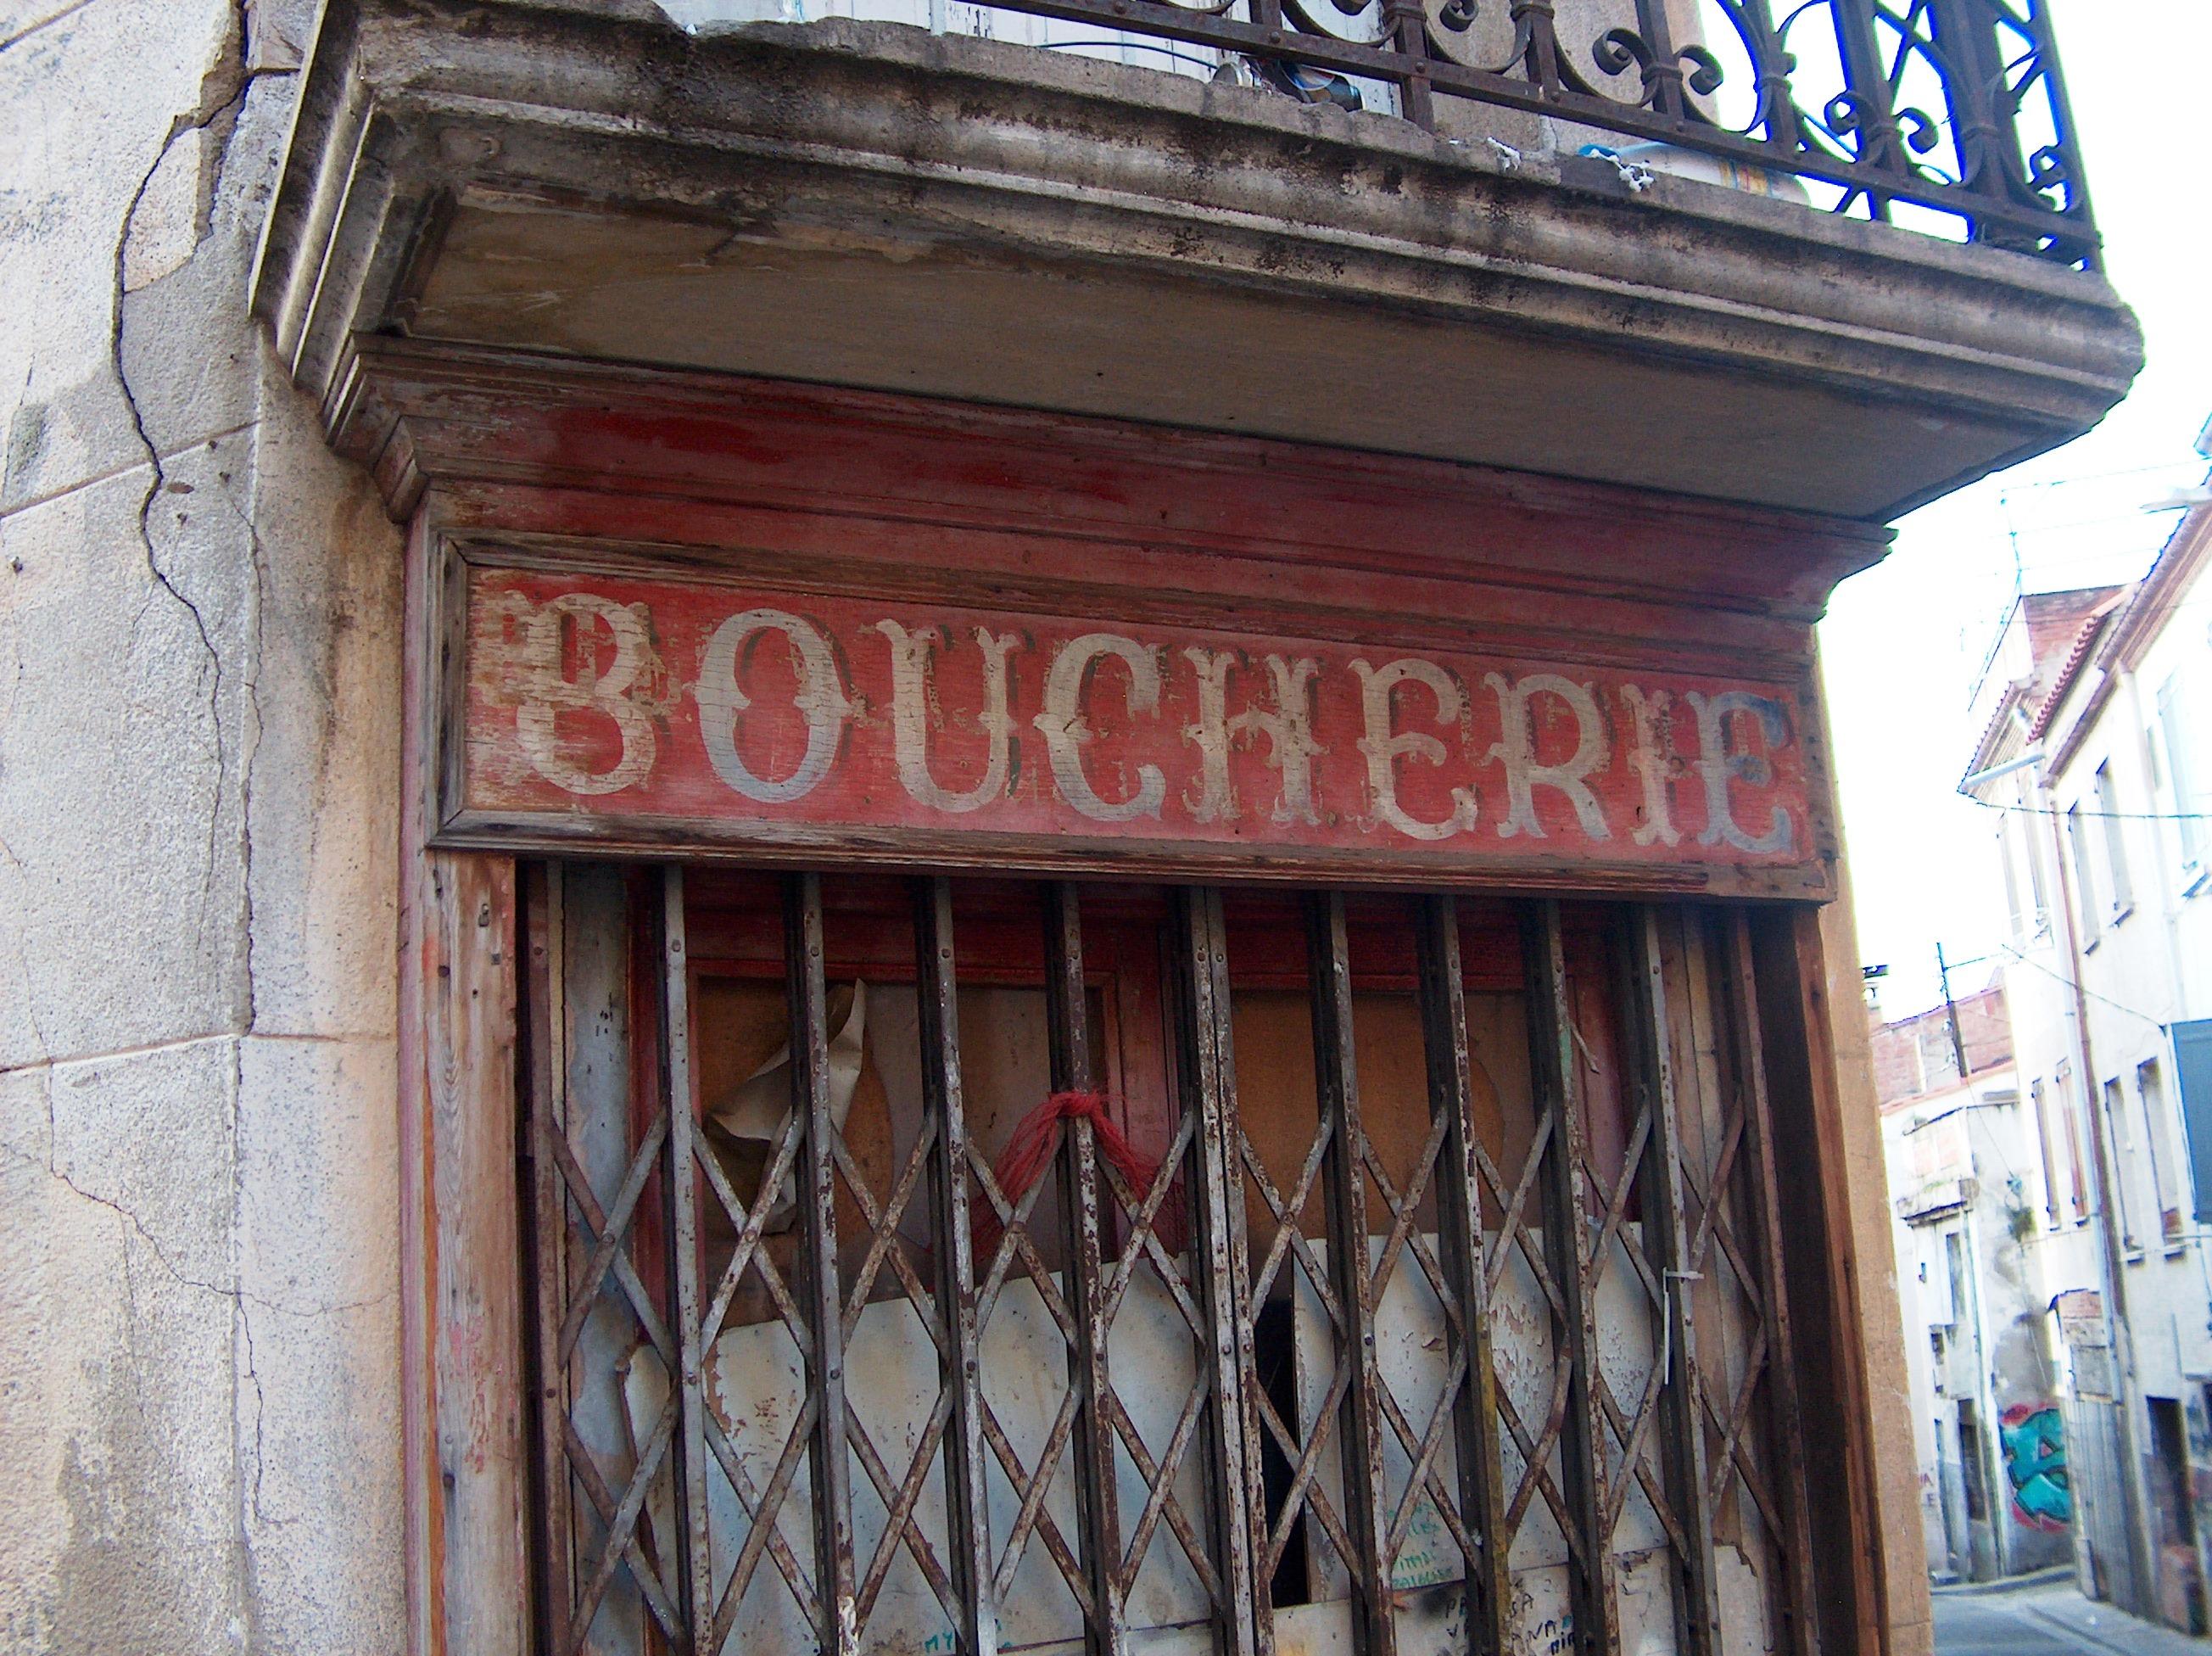 Enseigne Boucherie file:perpignan - enseigne de boucherie quartier saint jacques